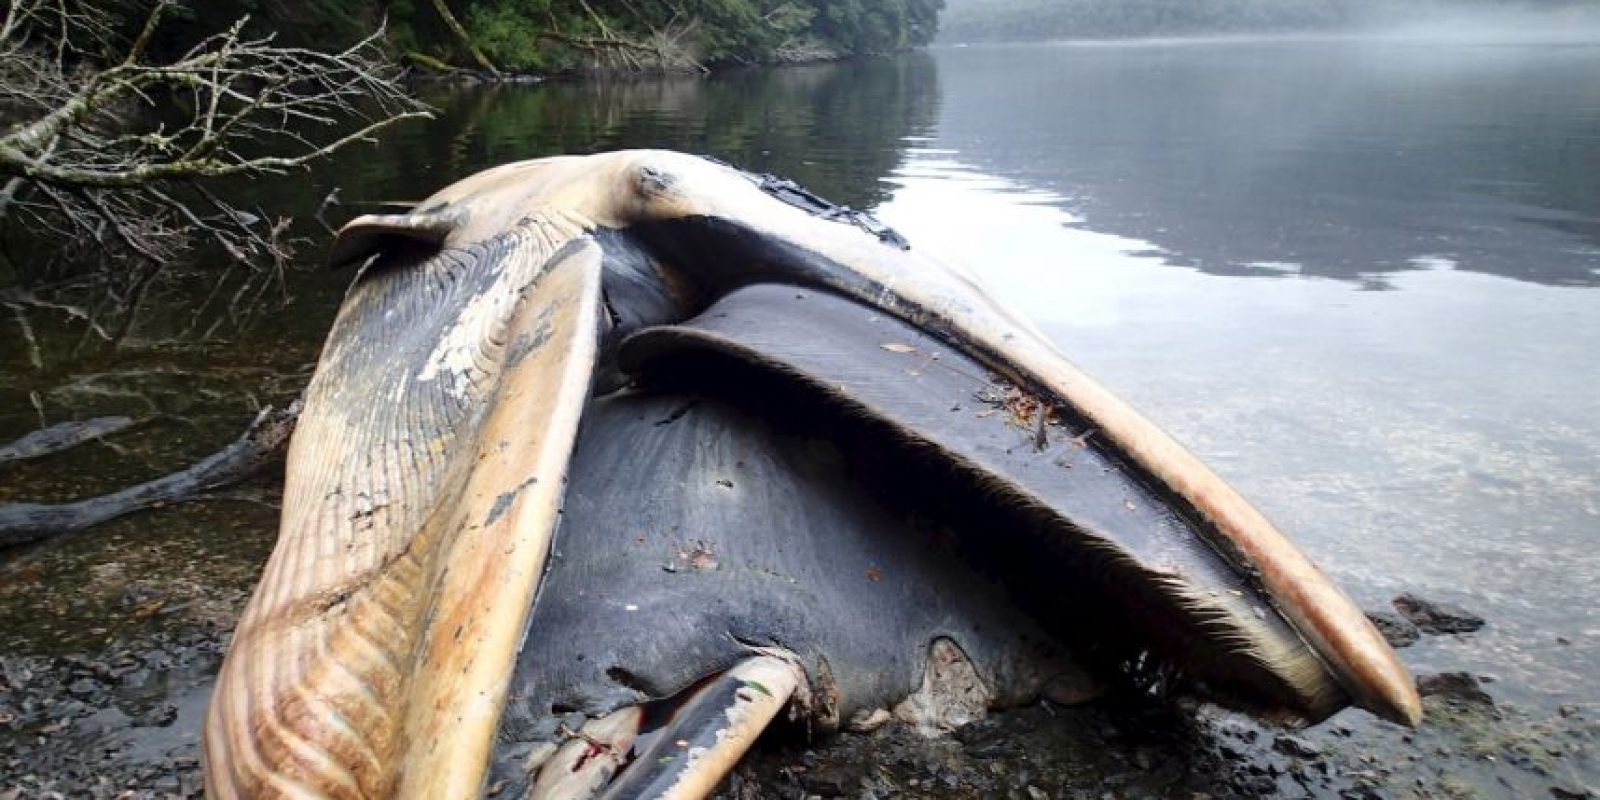 Científicos investigan lo que ocasionó la muerte de estas 337 ballenas. Foto:AP